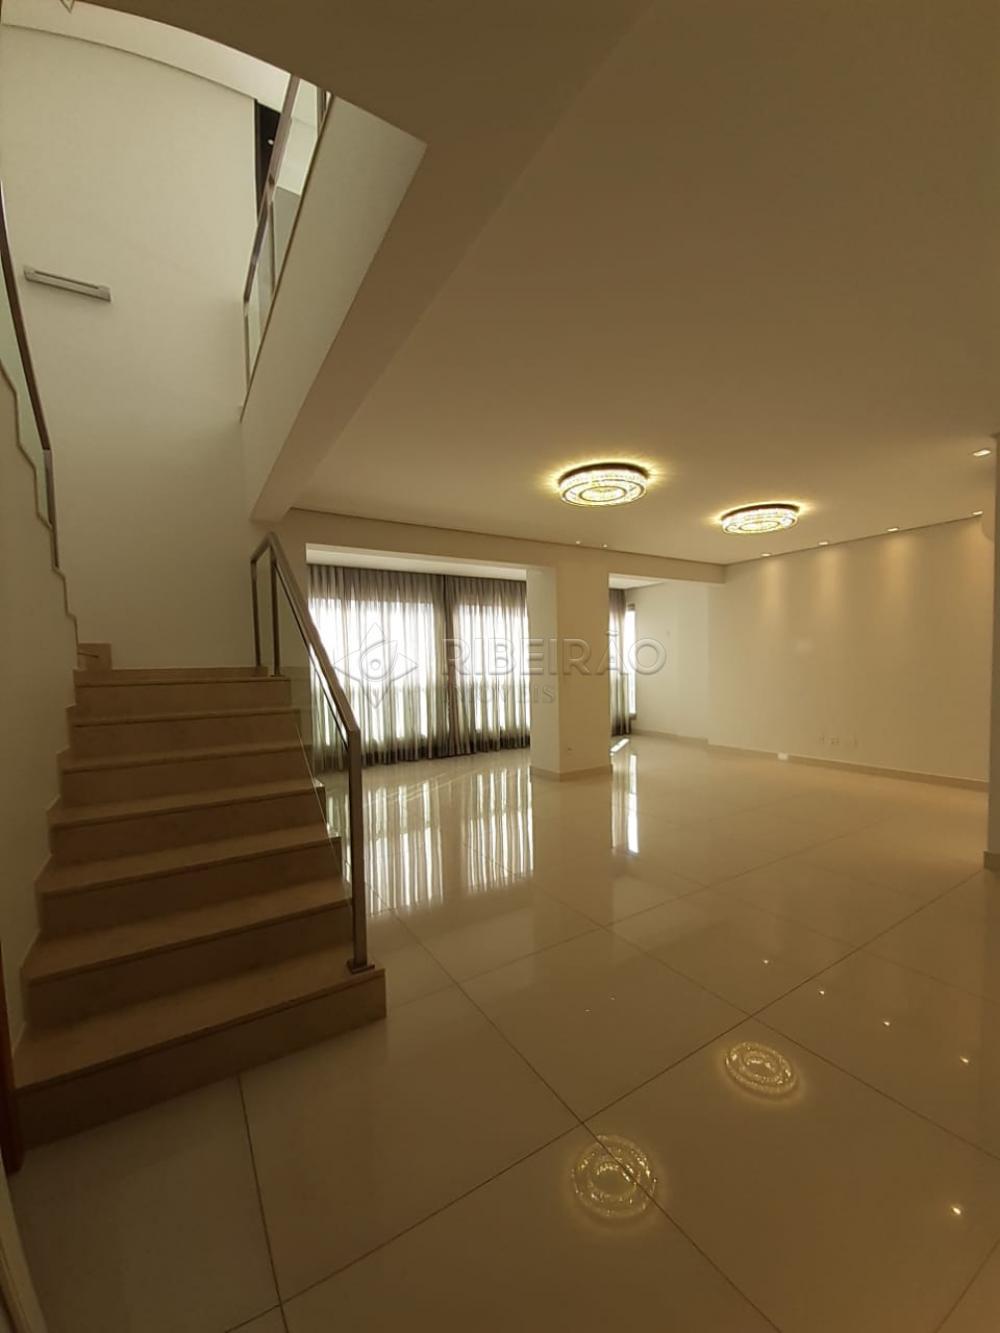 Comprar Apartamento / Cobertura em Ribeirão Preto R$ 1.900.000,00 - Foto 18